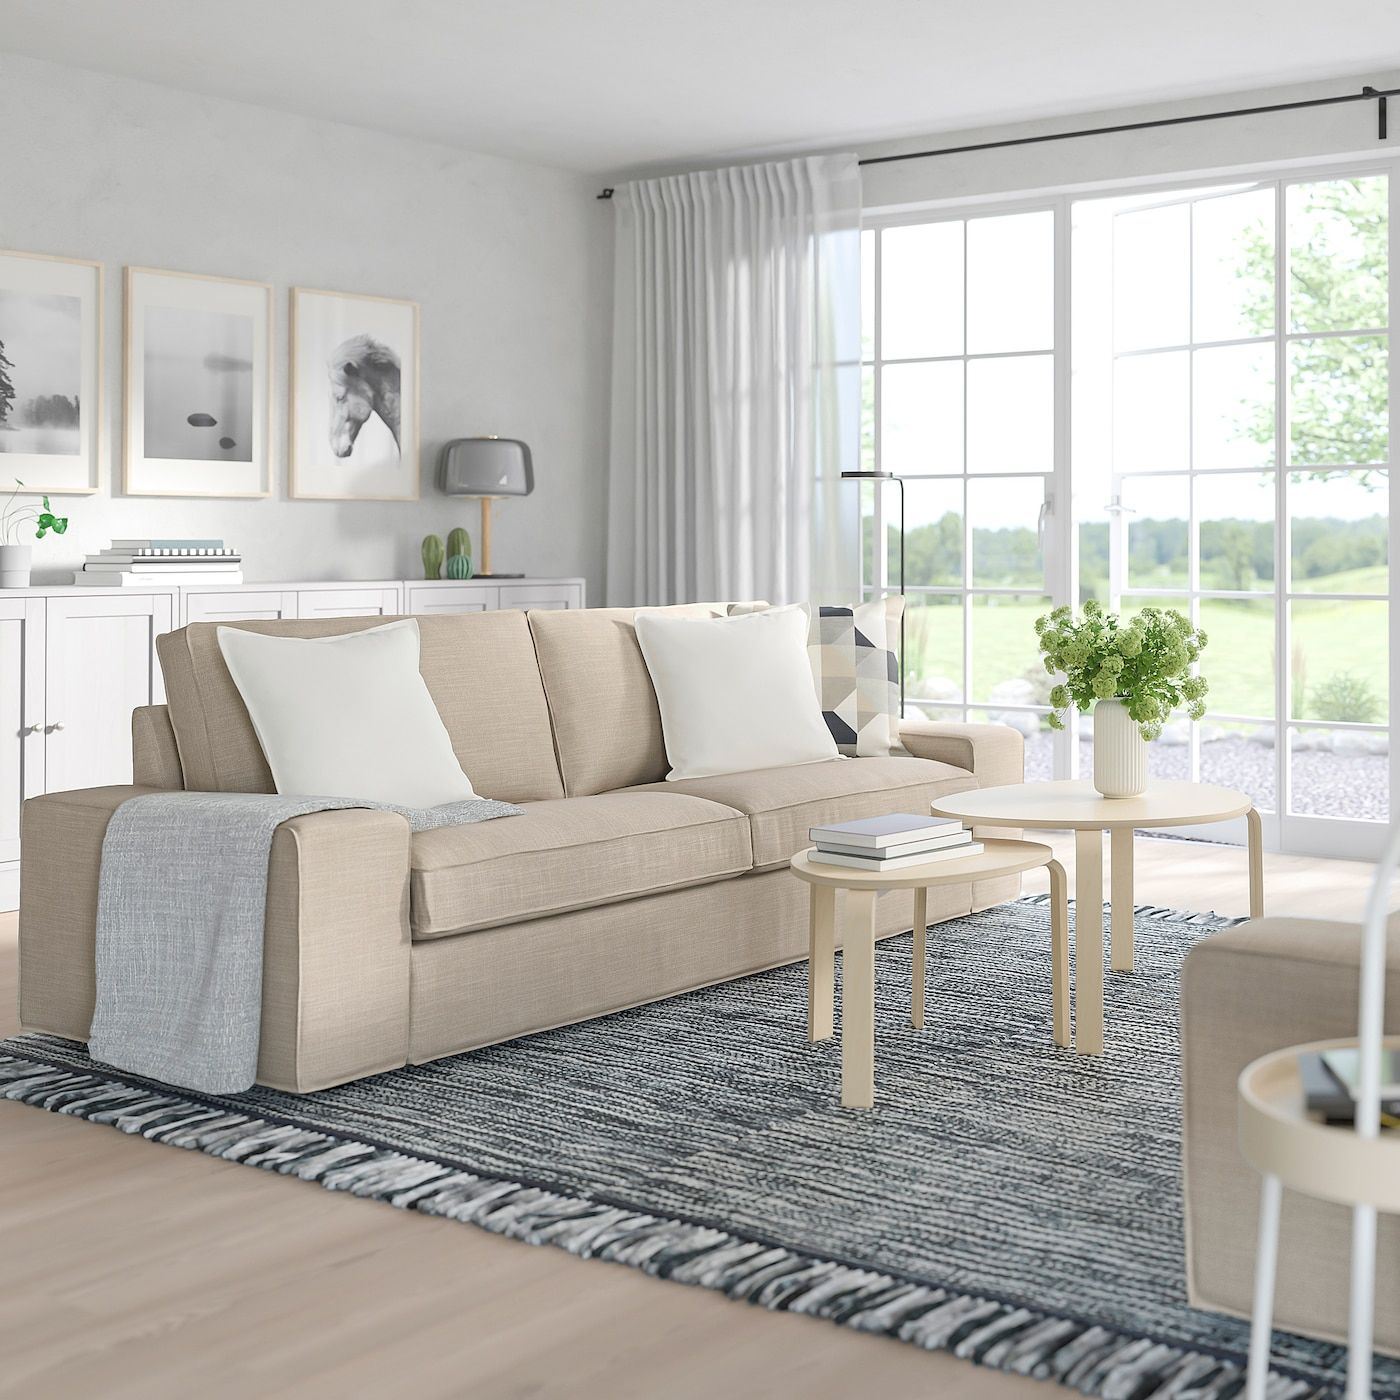 KIVIK Sofa - Hillared beige - IKEA in 9  Kivik sofa, Beige